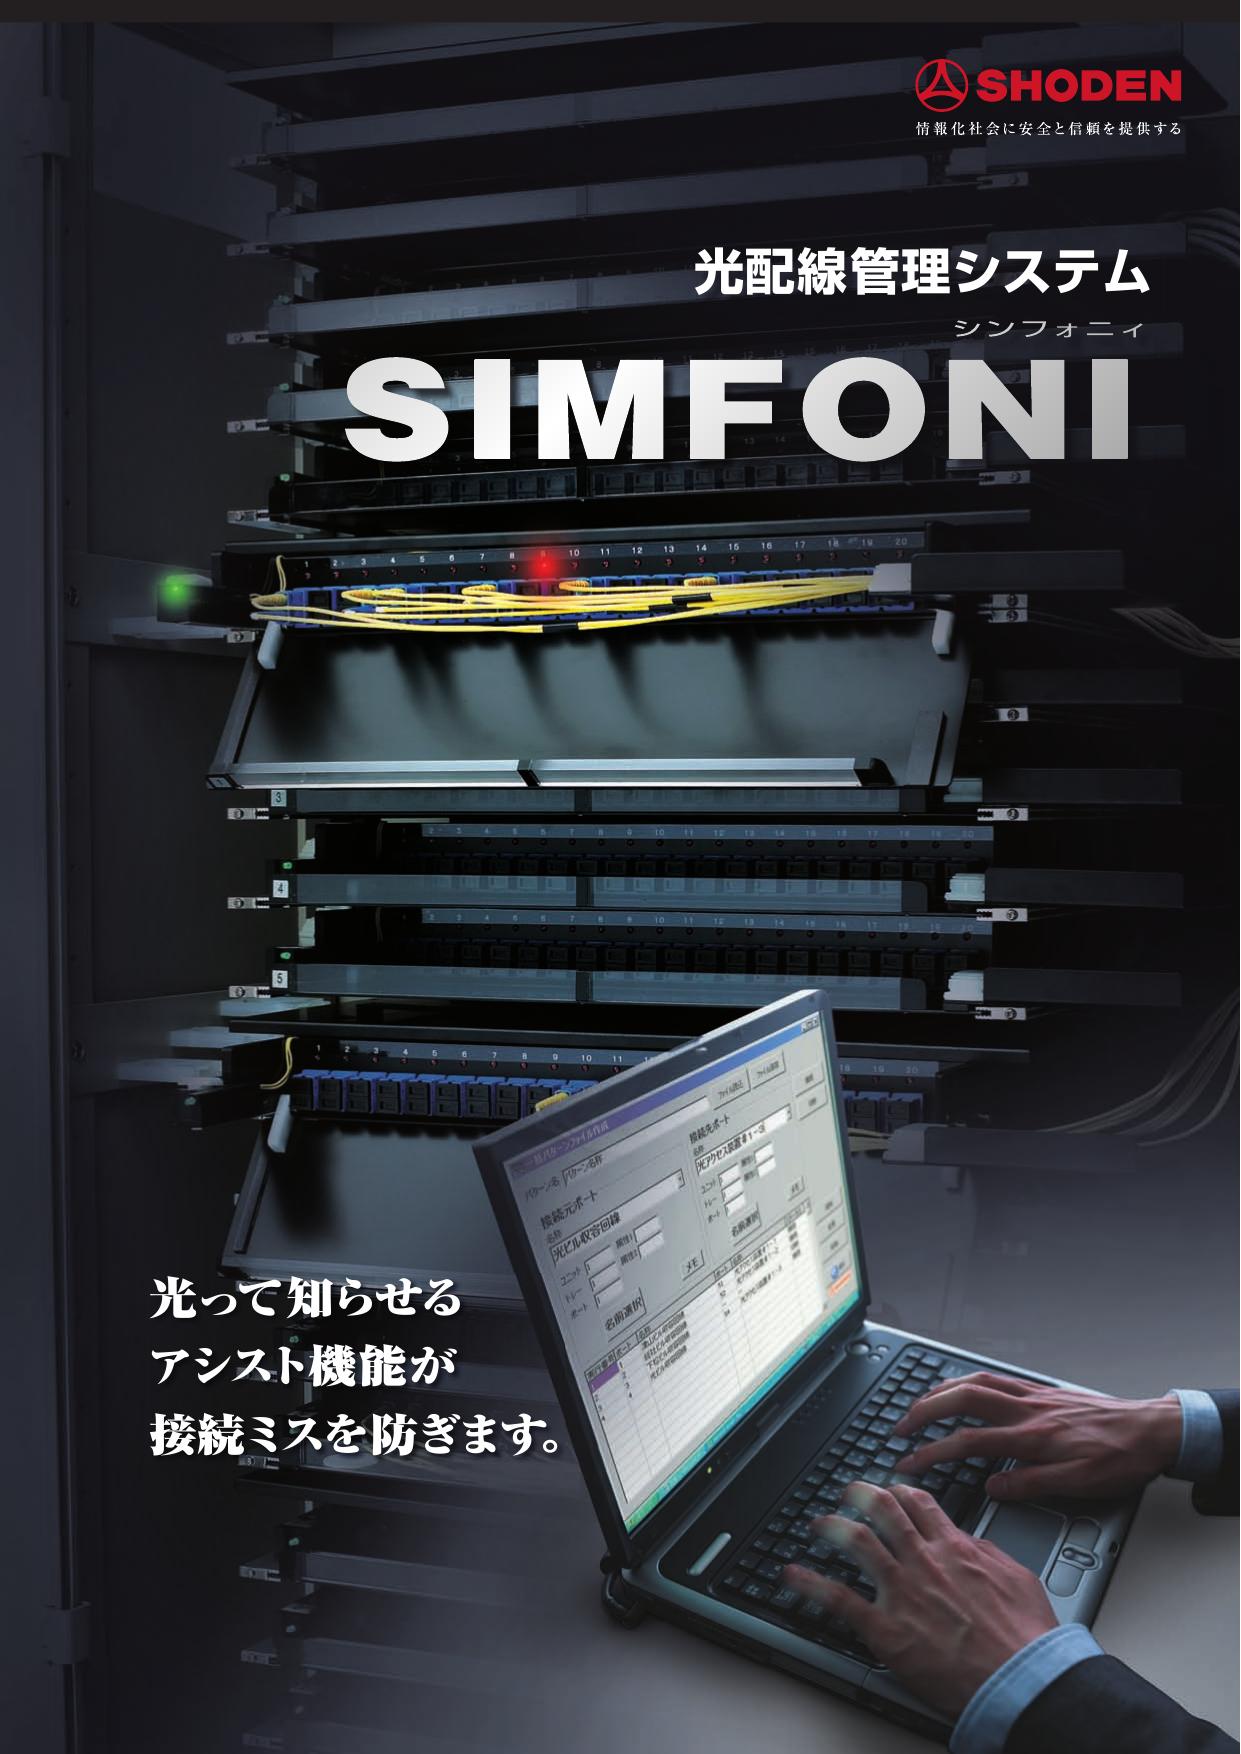 光配線管理システム SIMFONI